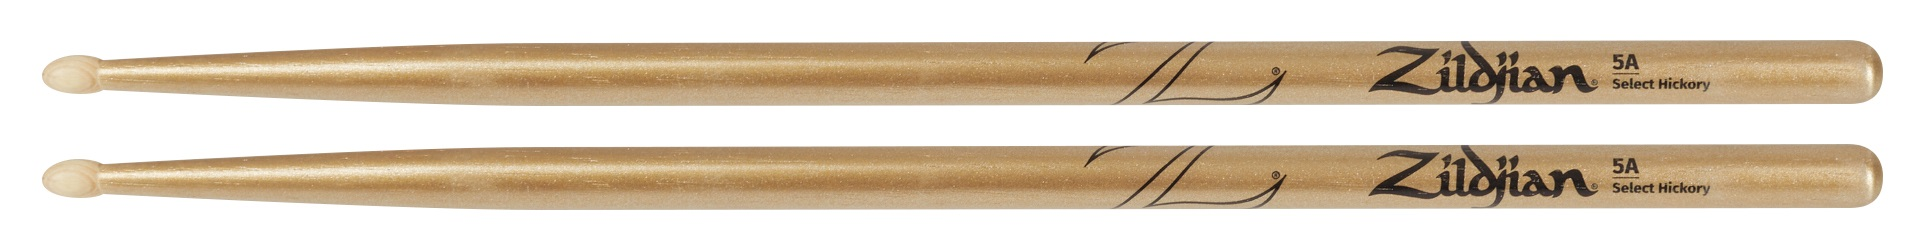 Zildjian 5A Chroma Gold